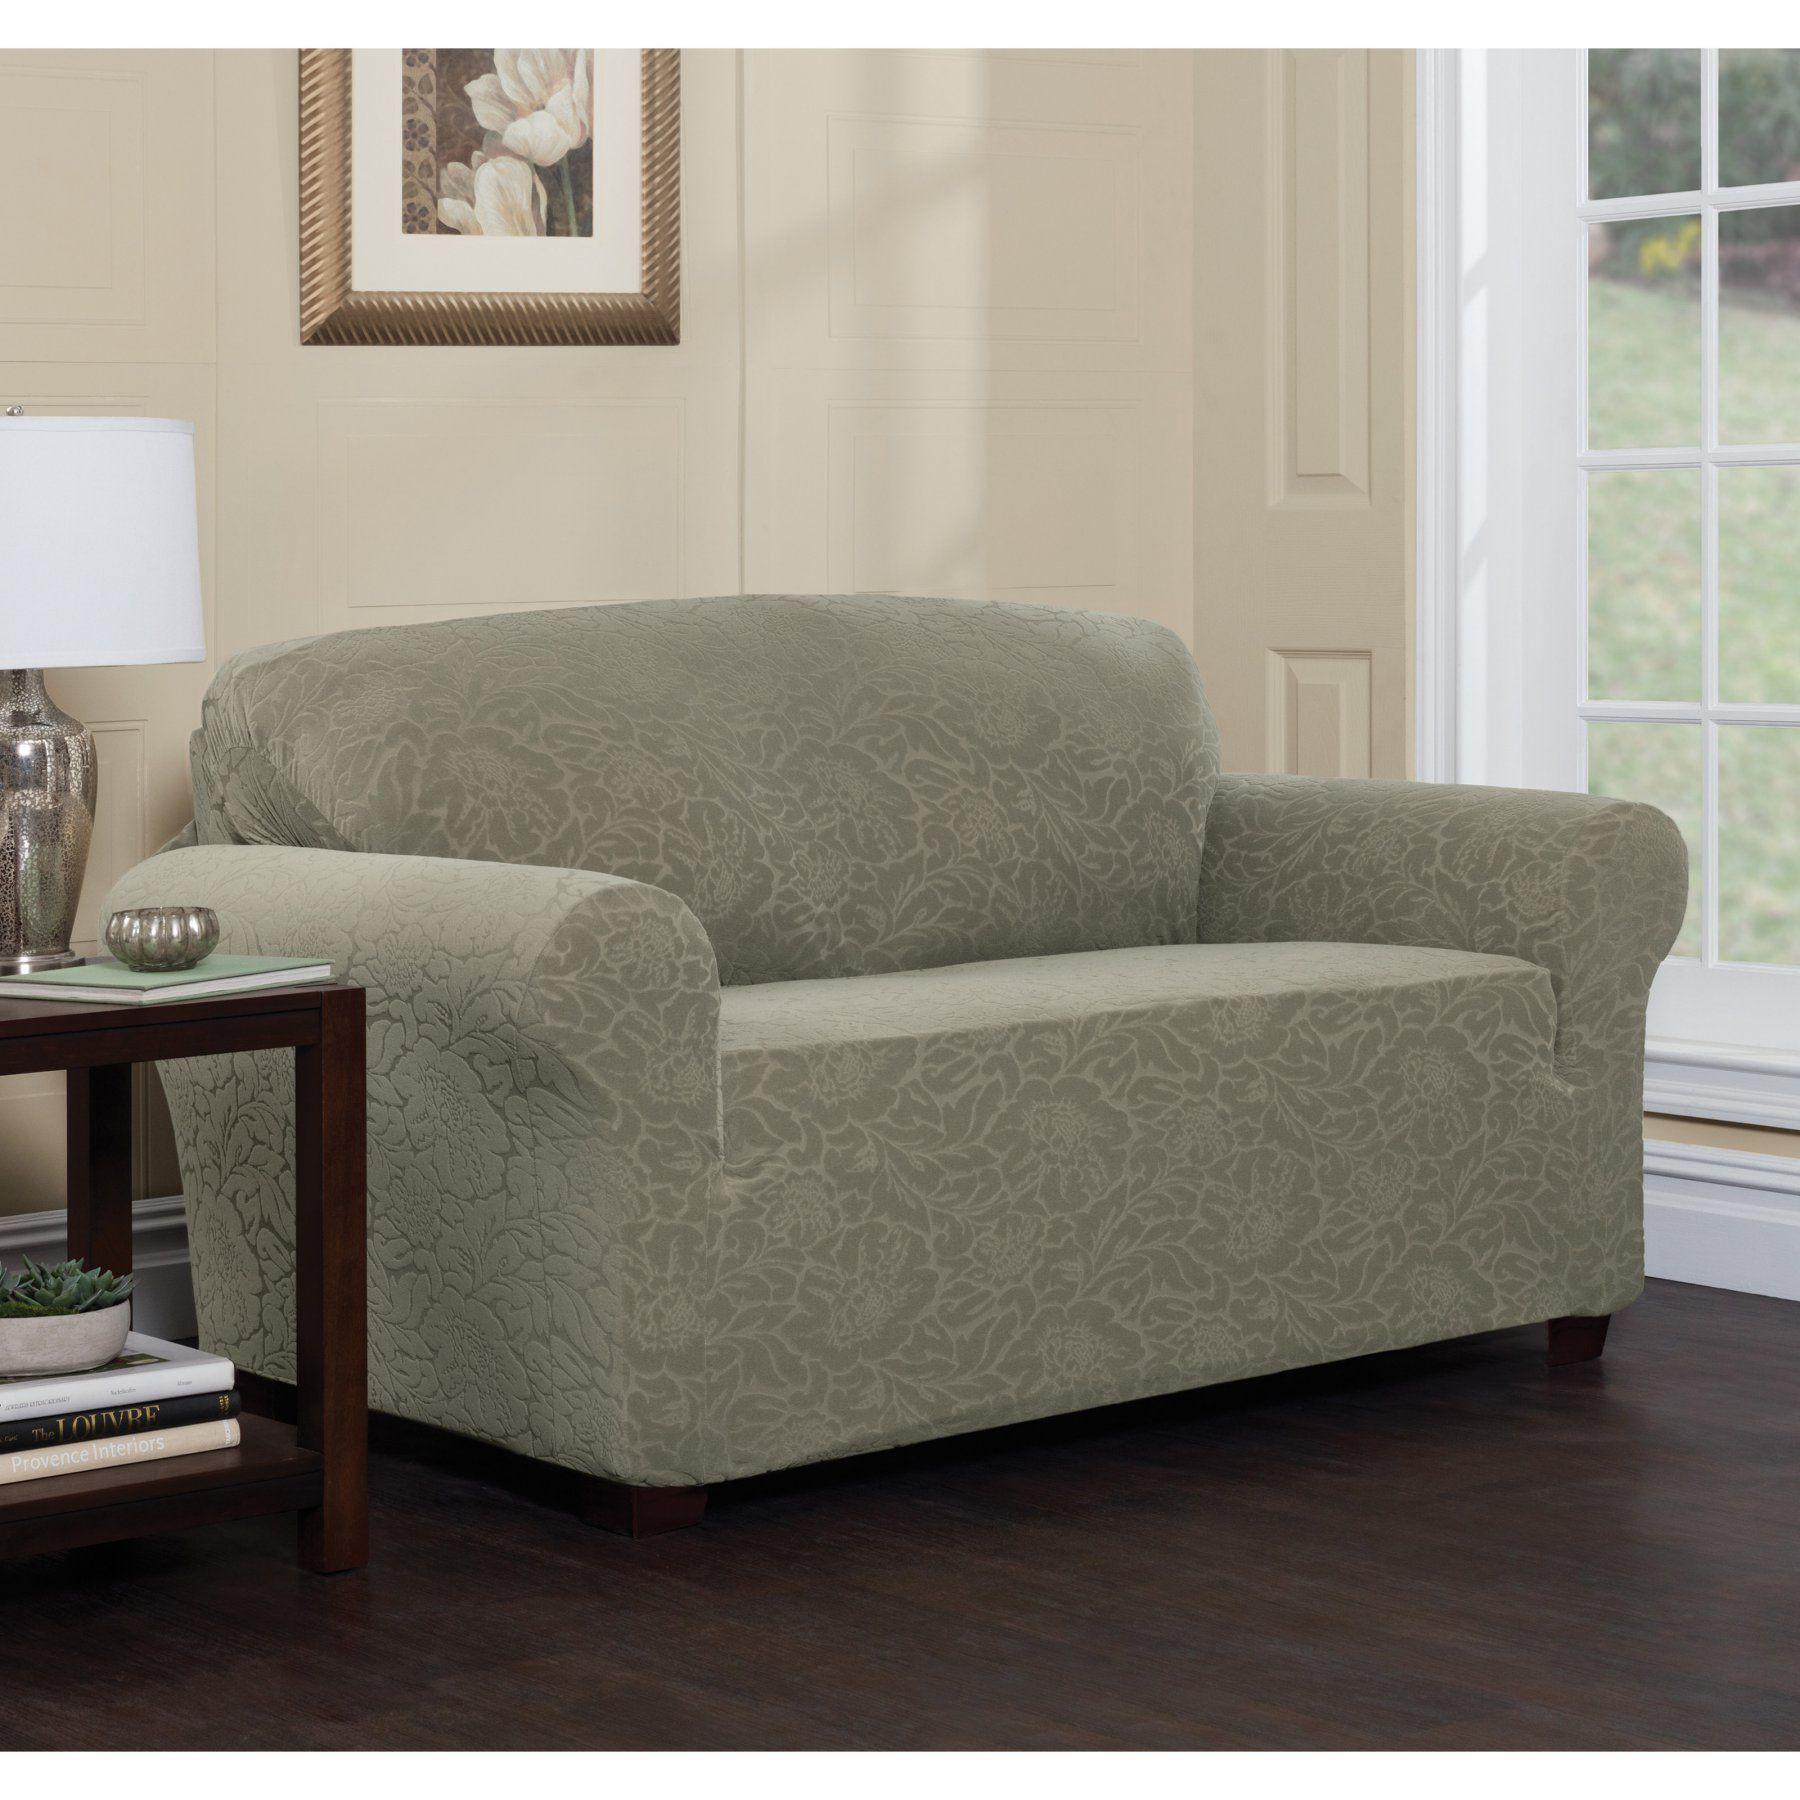 Stretch Sensations Stretch Floral Sofa Slipcover   9587SOFCHOCOLATE